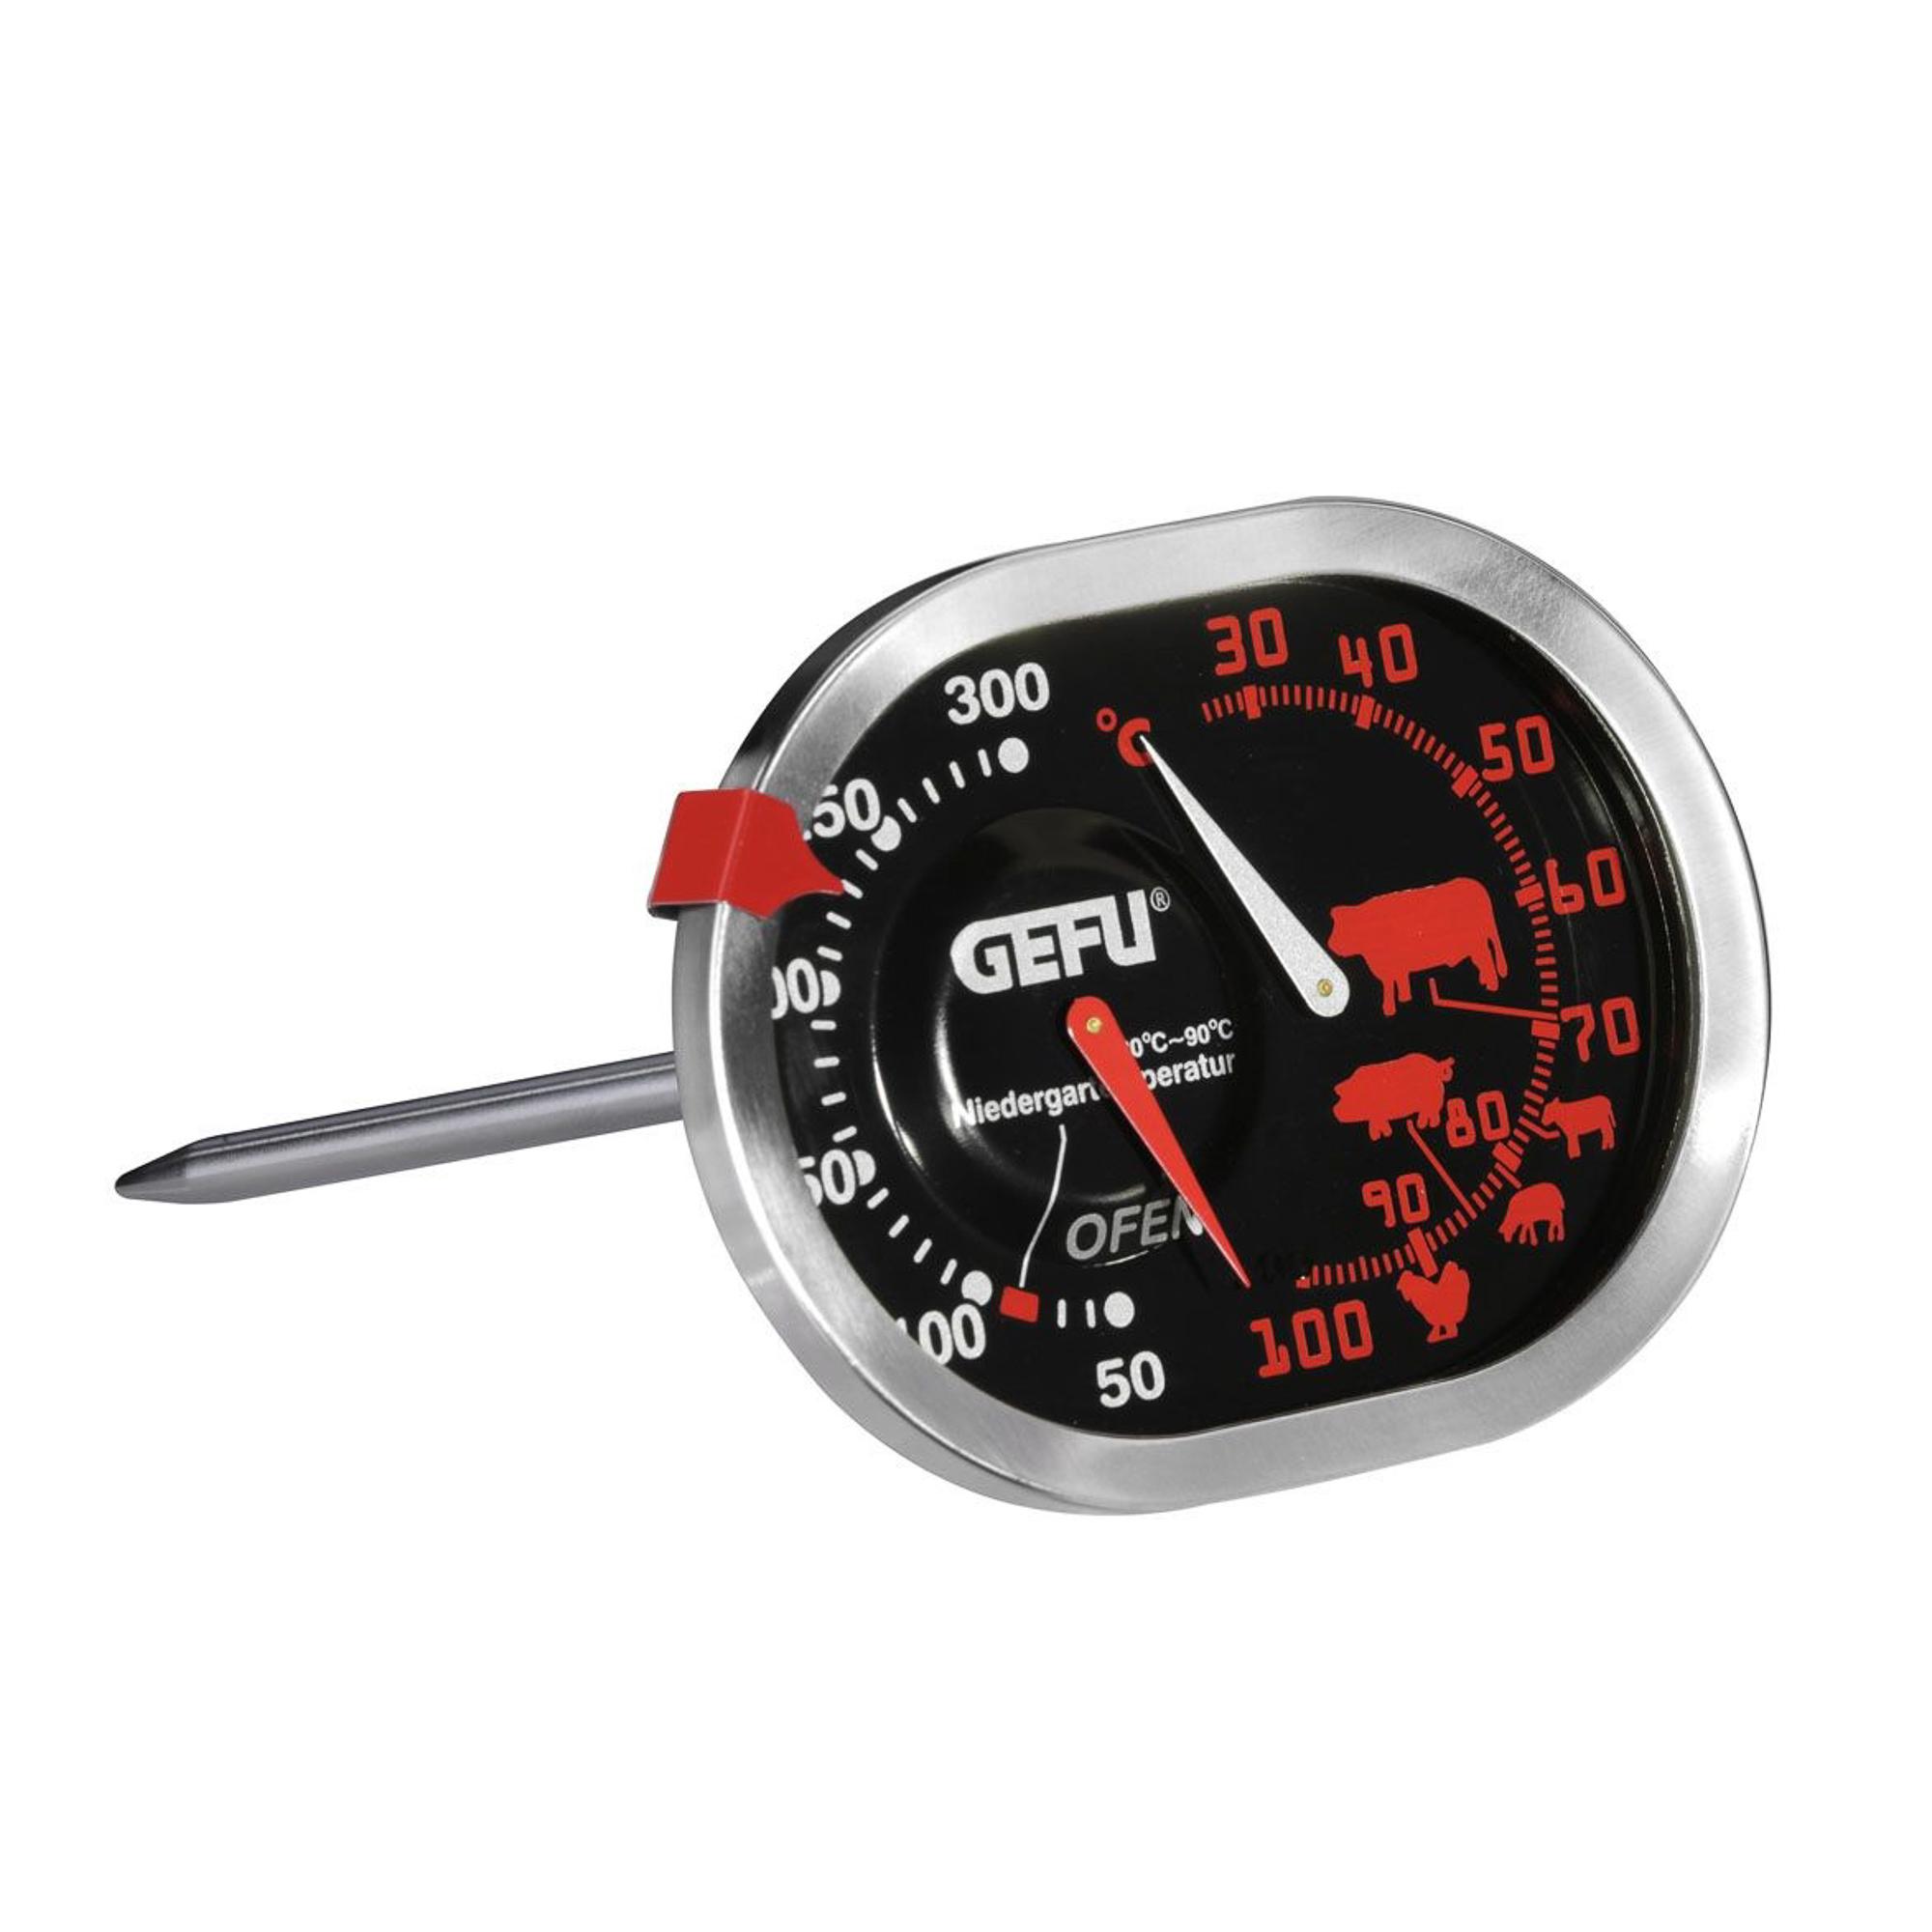 Фото - Термометр для жарки Gefu термометр для жарки электронный темпере gefu 21840